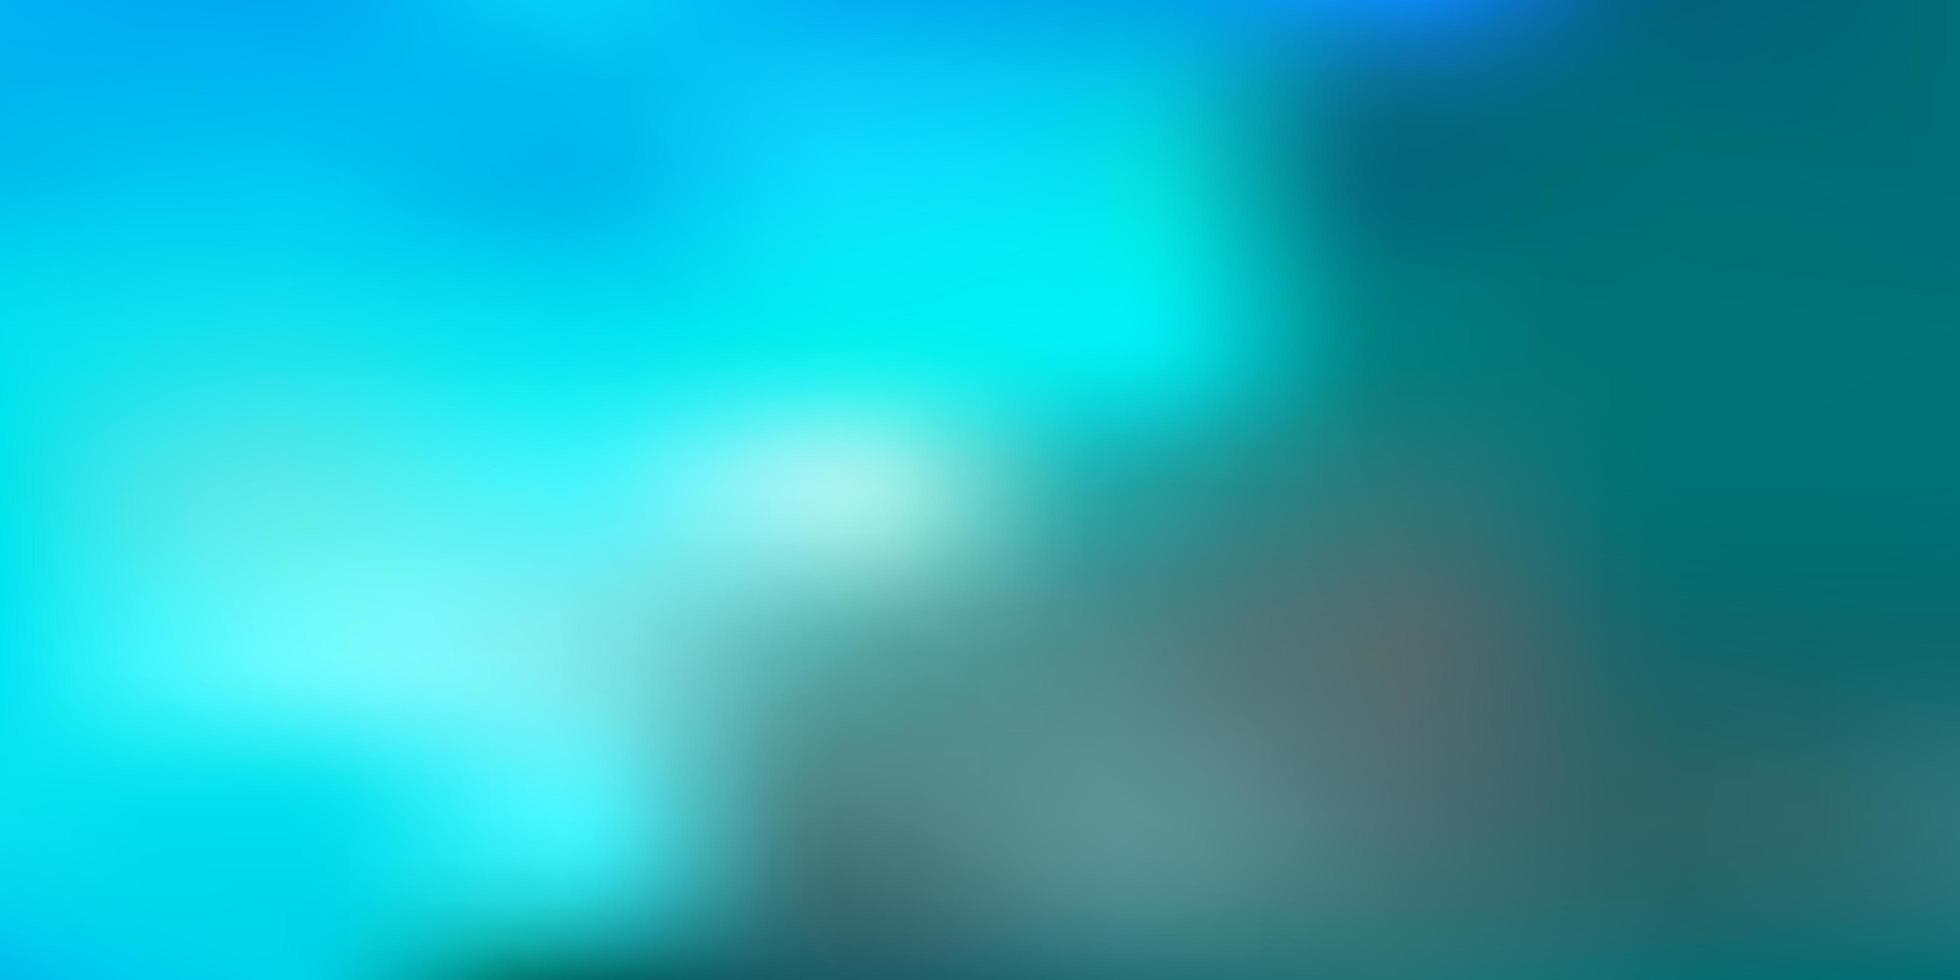 textura de desfoque de vetor azul claro.